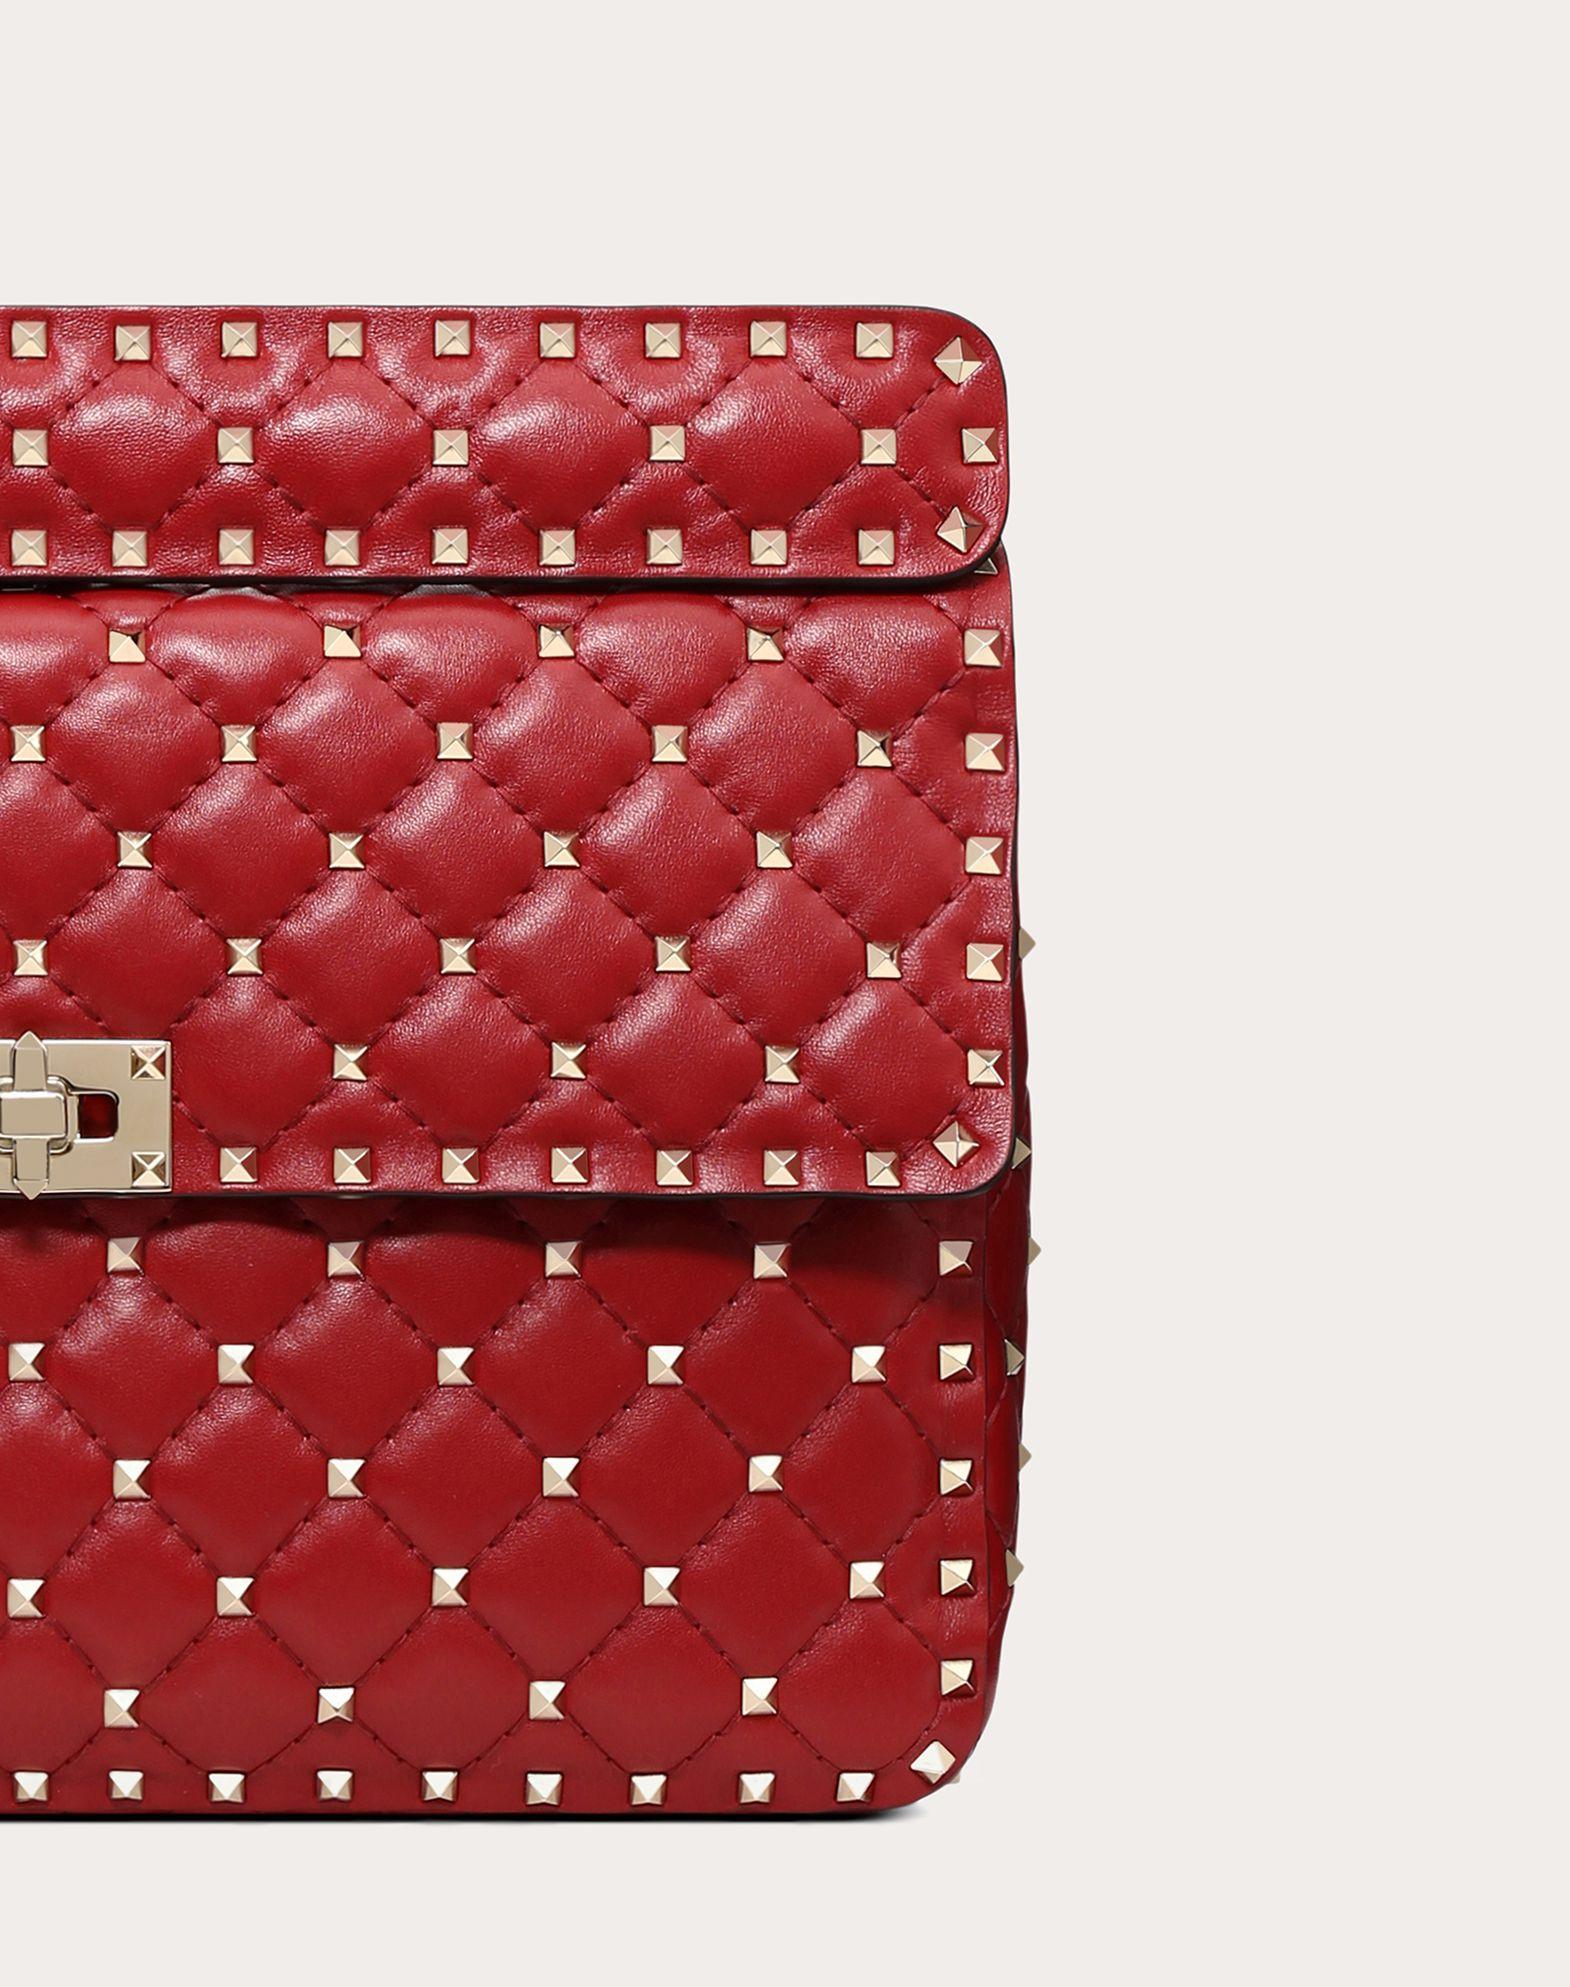 VALENTINO GARAVANI Rockstud Spike 链式手袋 肩背包 D b